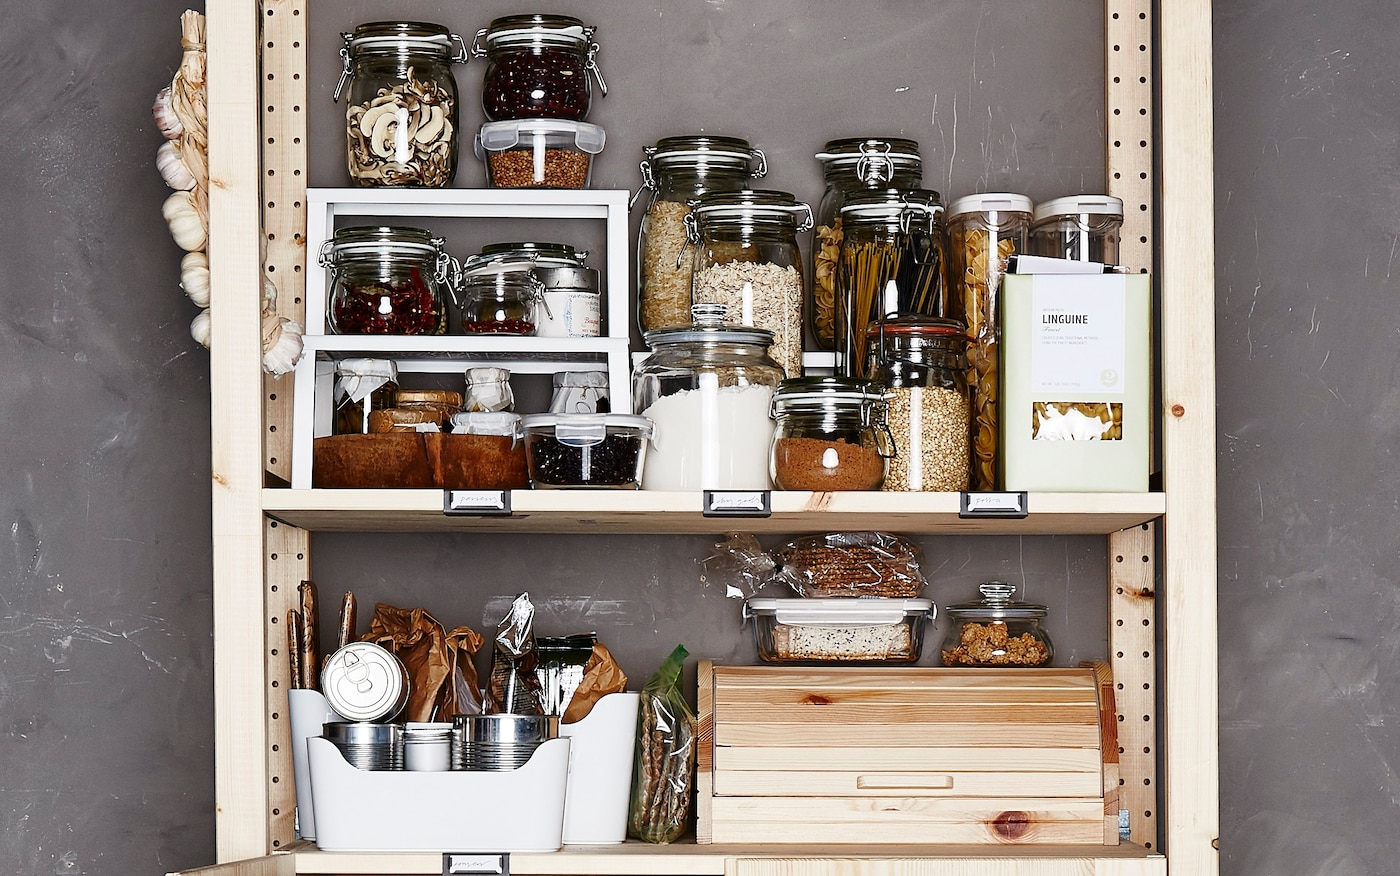 Verschiedene Lebensmittel in Vorratsbehältern in einem offenen Schrankregal